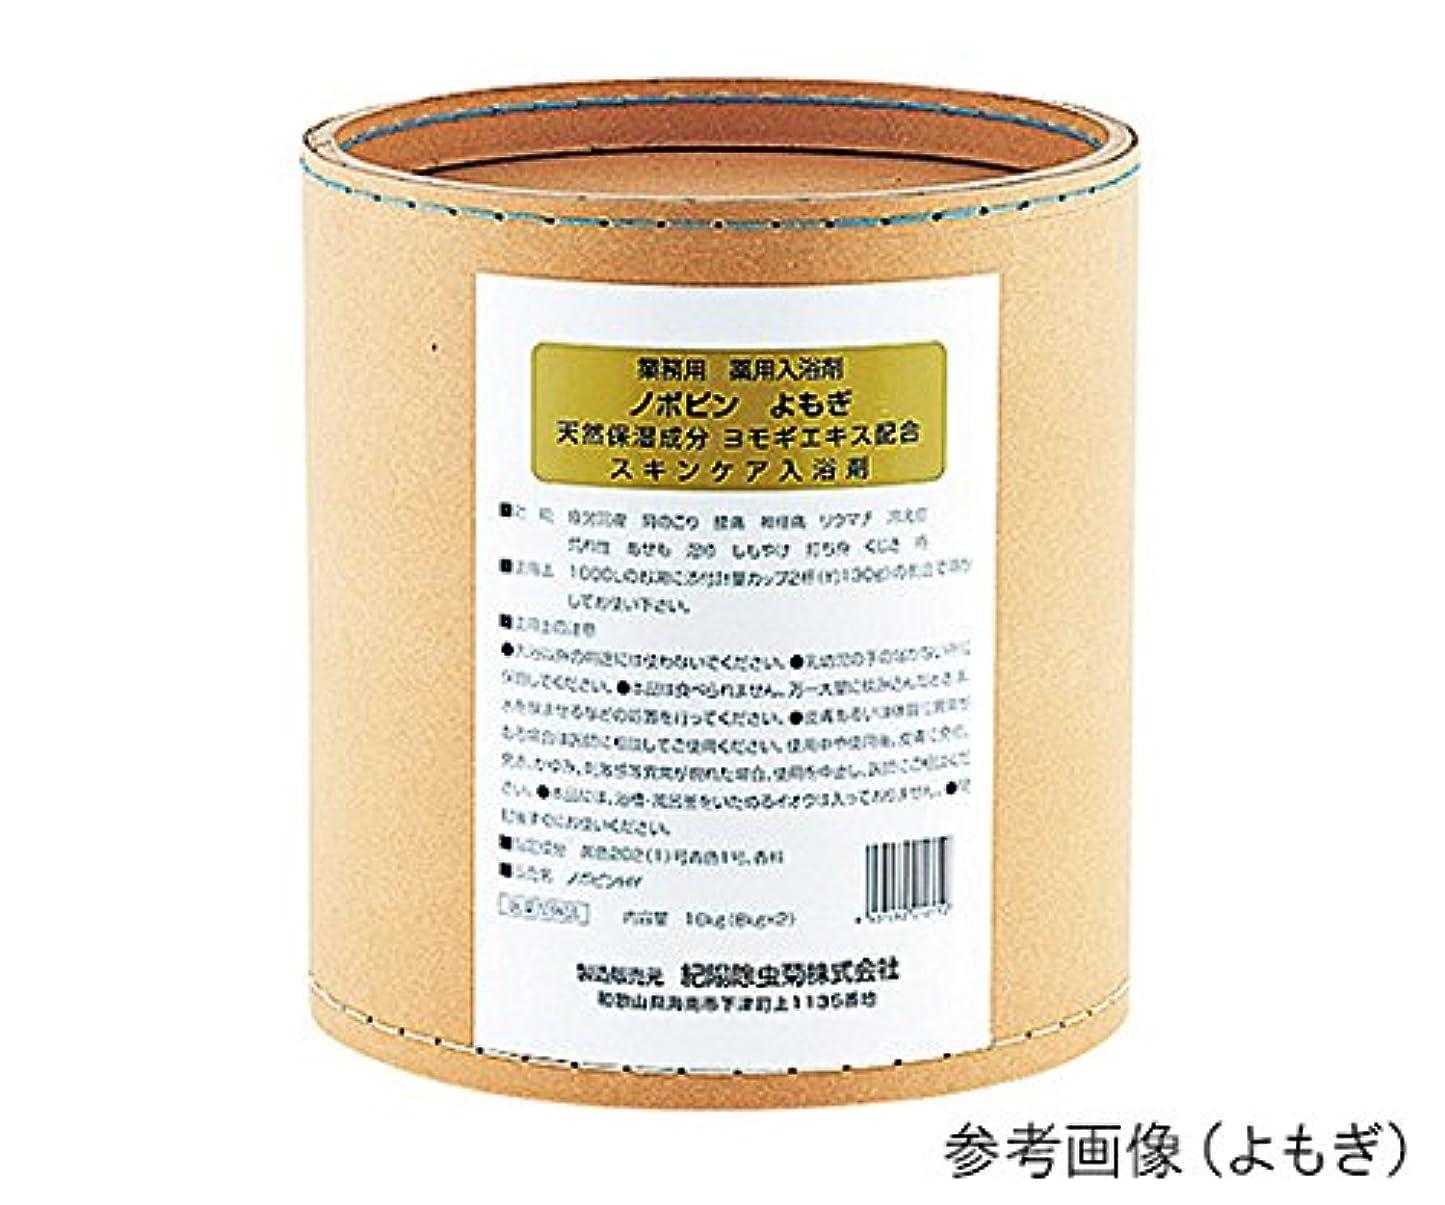 文庫本コジオスコ圧力紀陽除虫菊7-2541-04業務用薬用入浴剤(ノボピン)よもぎ(8kg×2個入)